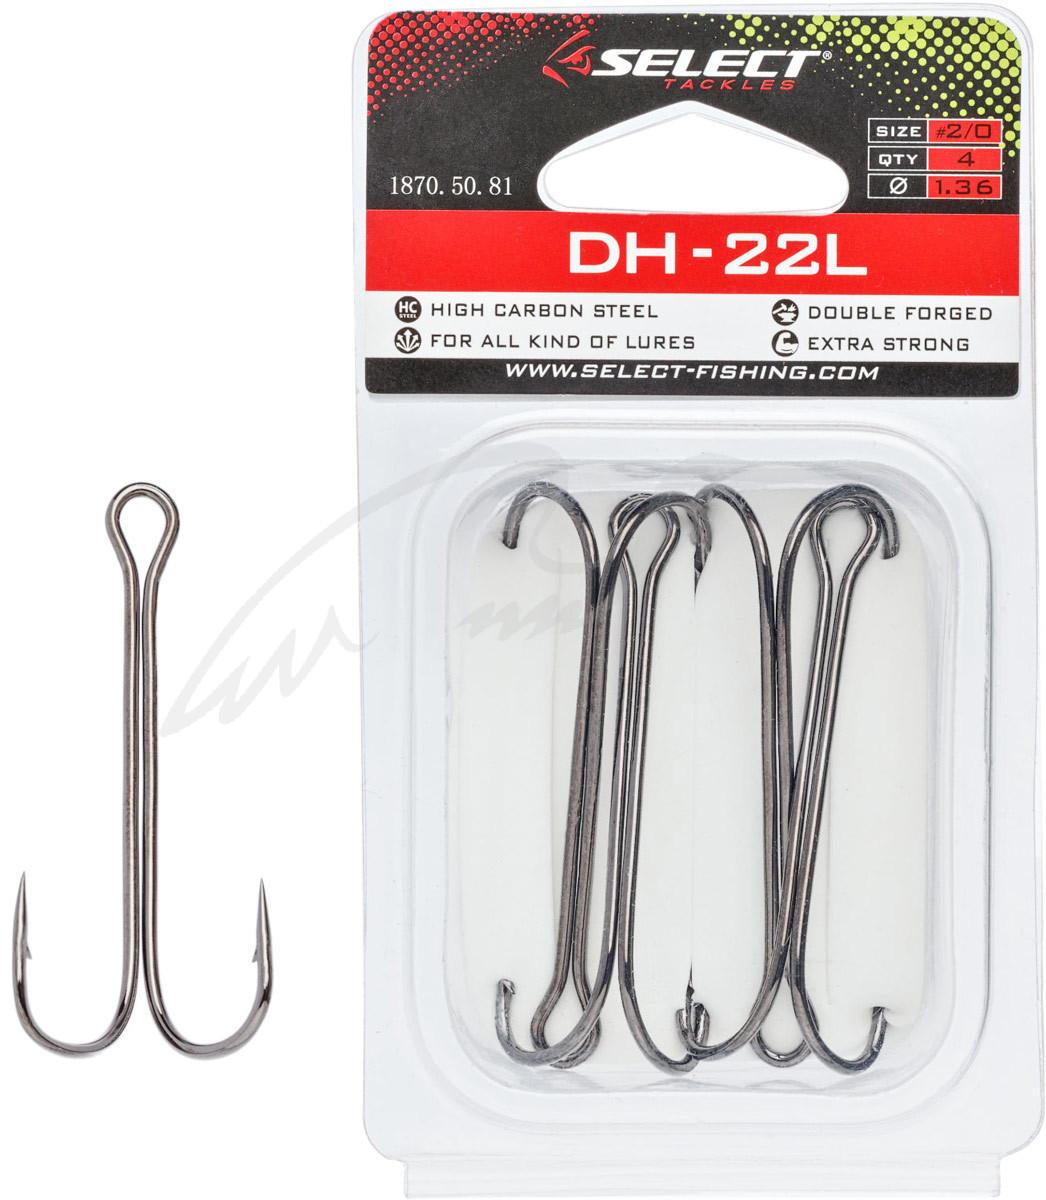 Двійник Select DH-22L #3/0 (3 шт/уп)